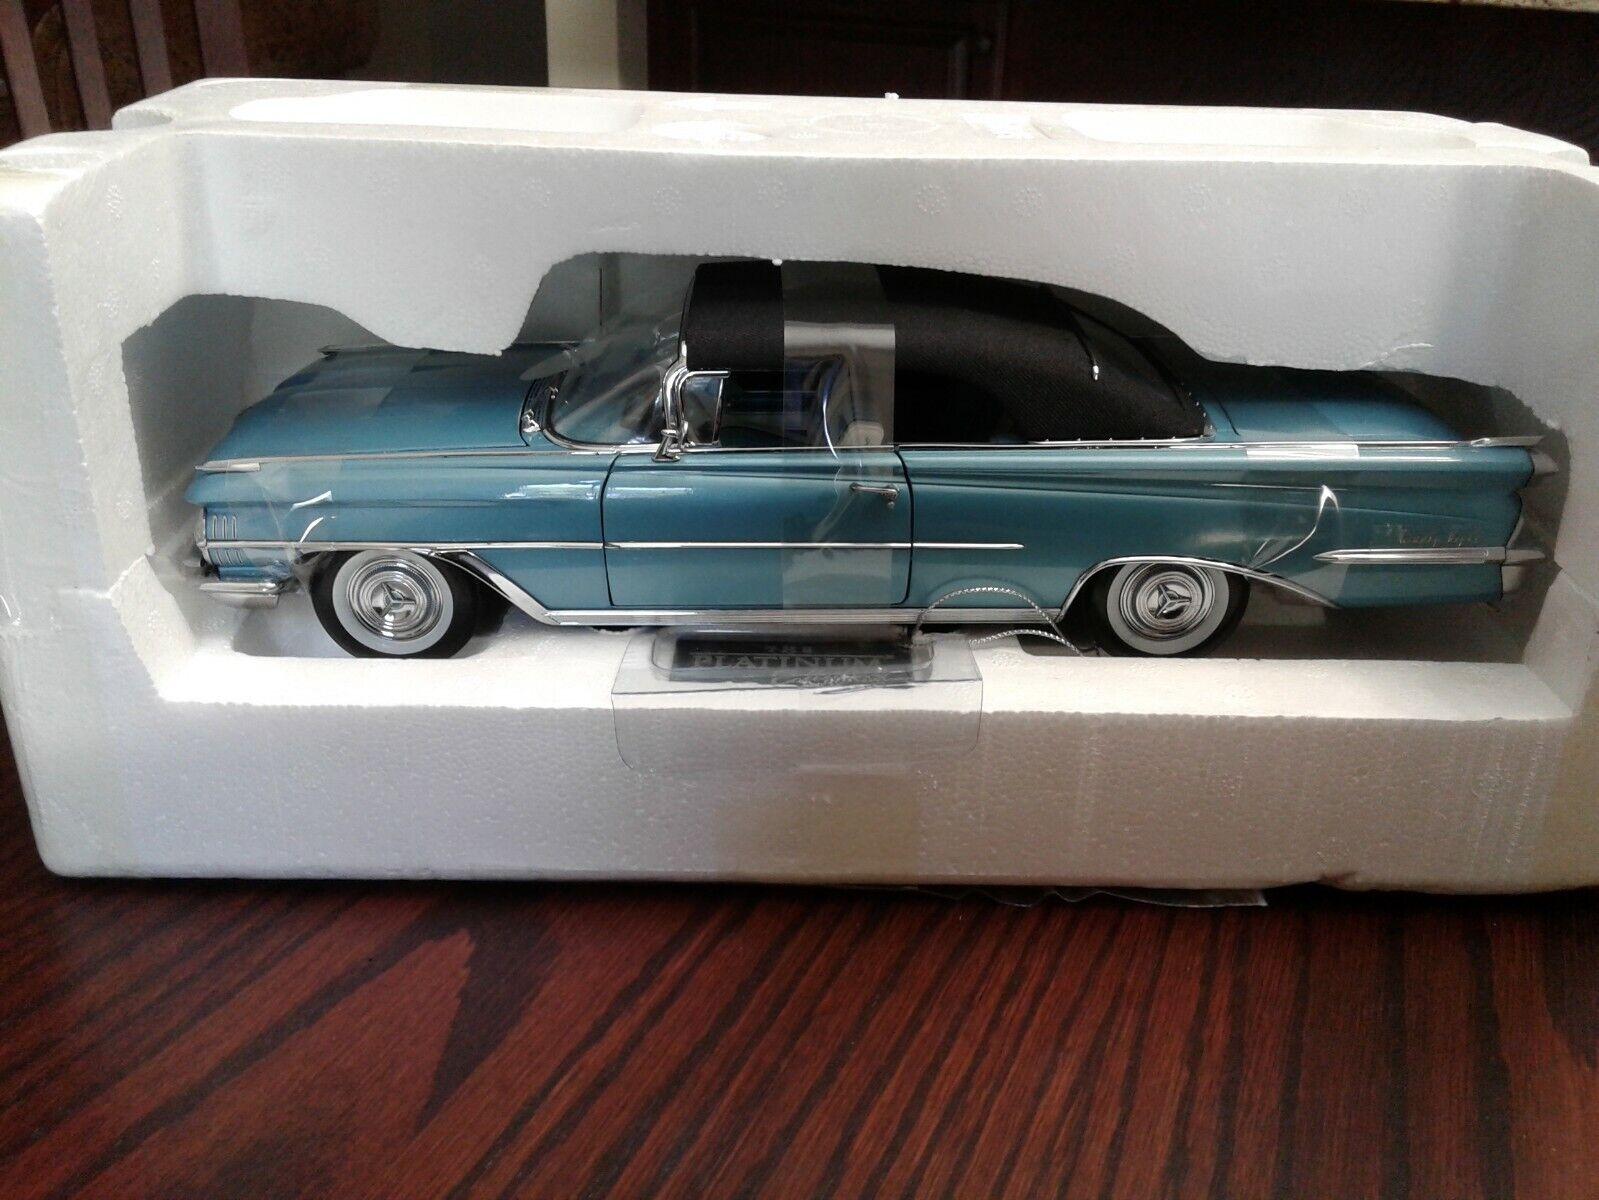 Sun Star Platinum Col 1959 Oldsmobile Congreenible Aqua  w Black Top Diecast 1 18